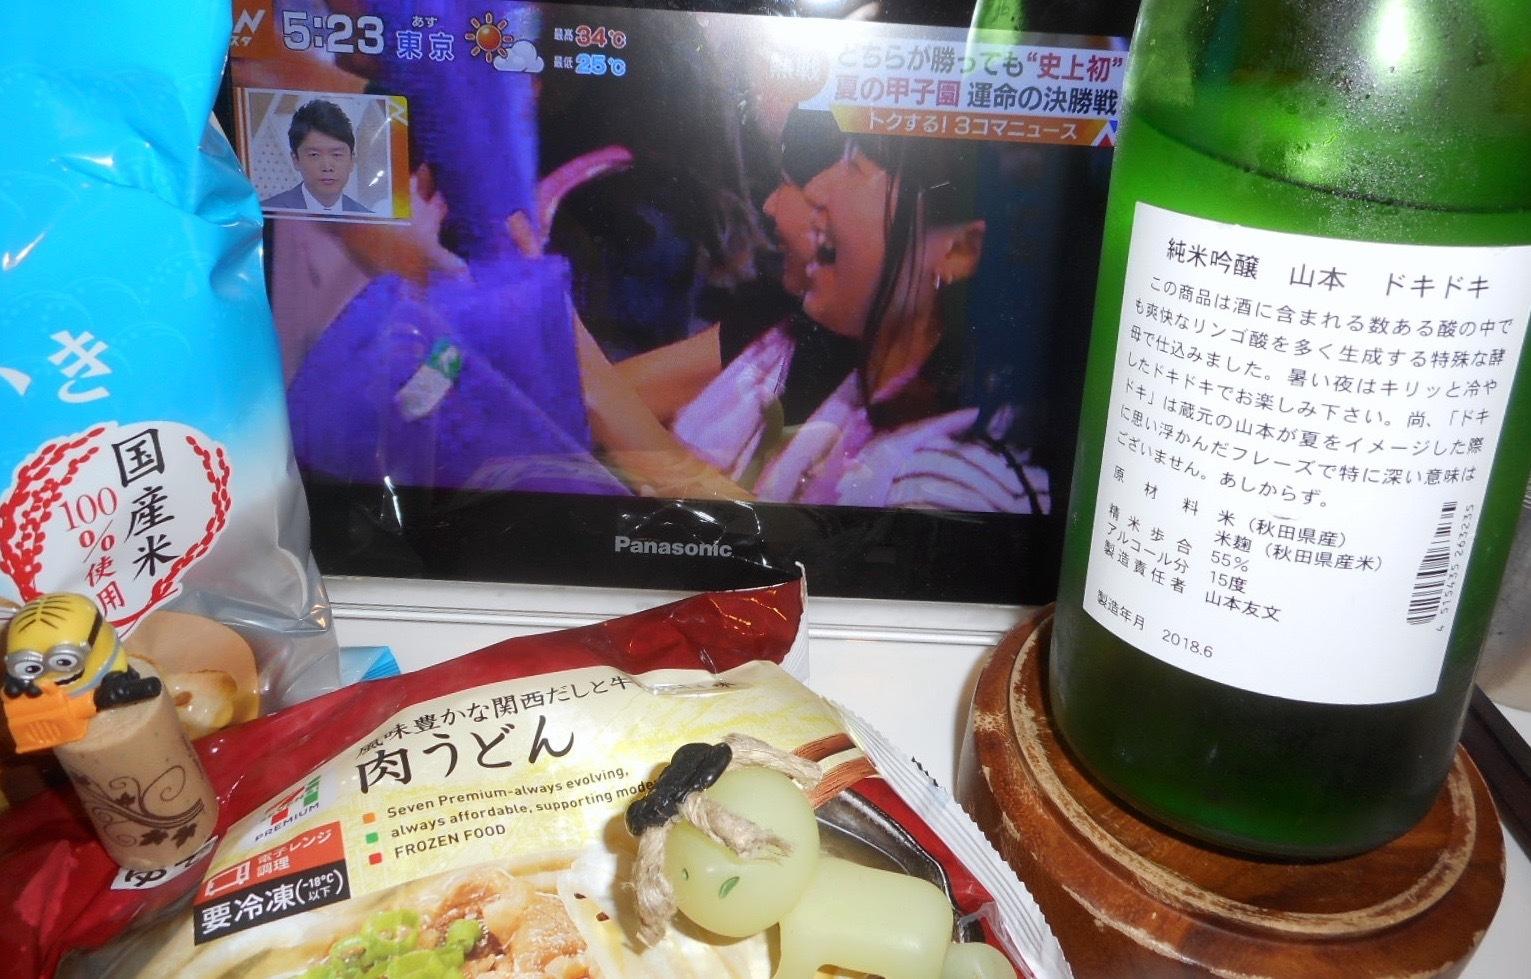 yamamoto_dokidoki29by2.jpg